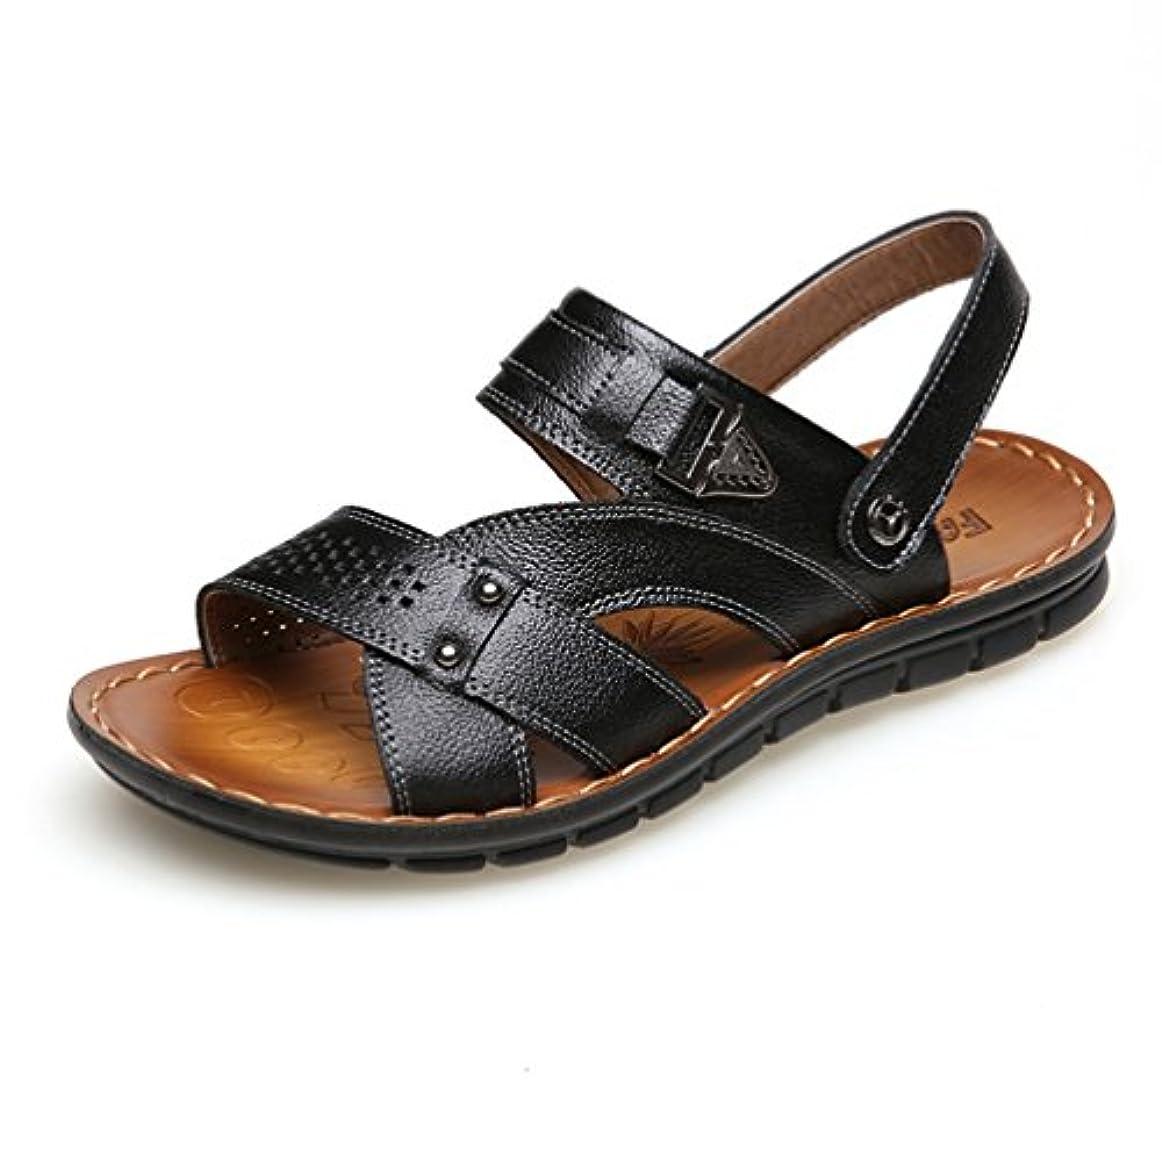 タンザニア劇作家わずかなサンダル メンズ 紳士靴 大きなサイズ 蒸れない オフィス オシャレ かっこいい レザー 滑り止め 歩きやすい 柔らかい ビジネス 通気性 カジュアル 軽量 ウィングチップ 快適 コンフォートパンチング